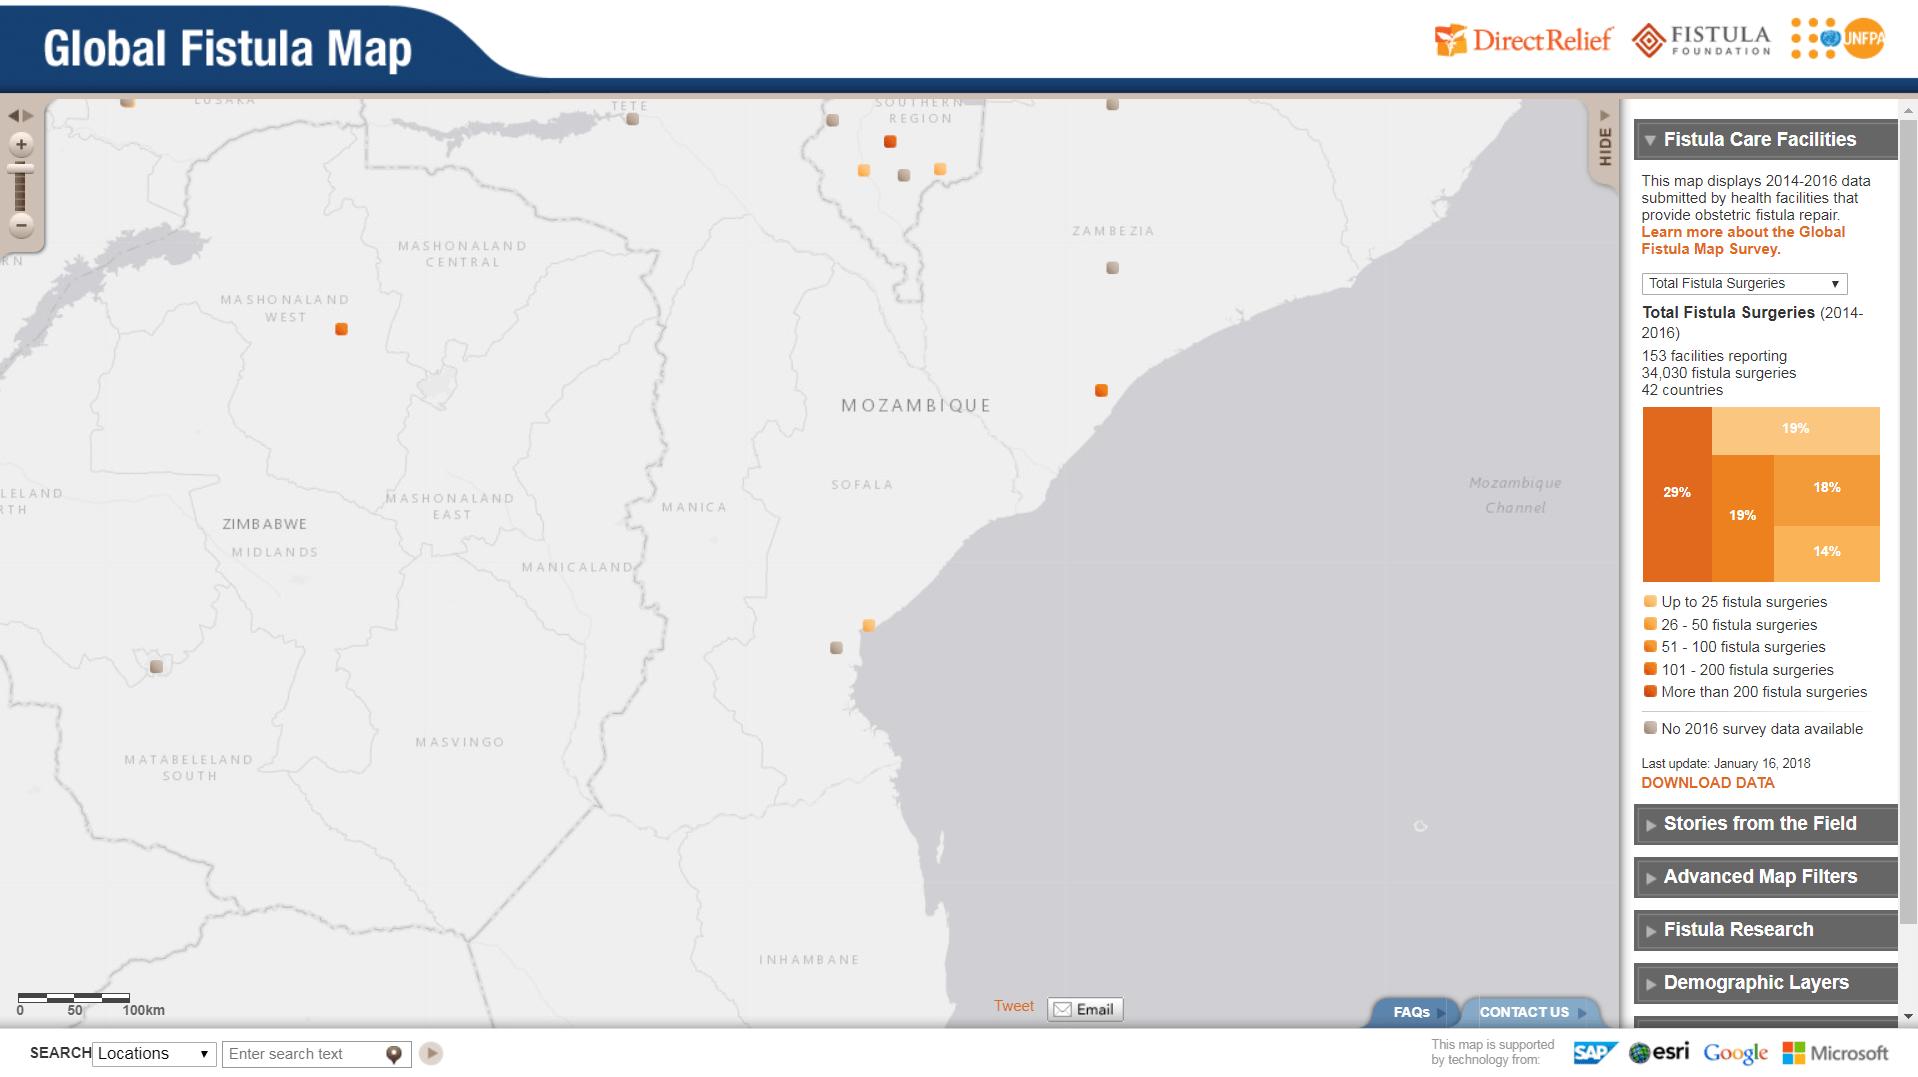 Global Fistula Map - Mozambique